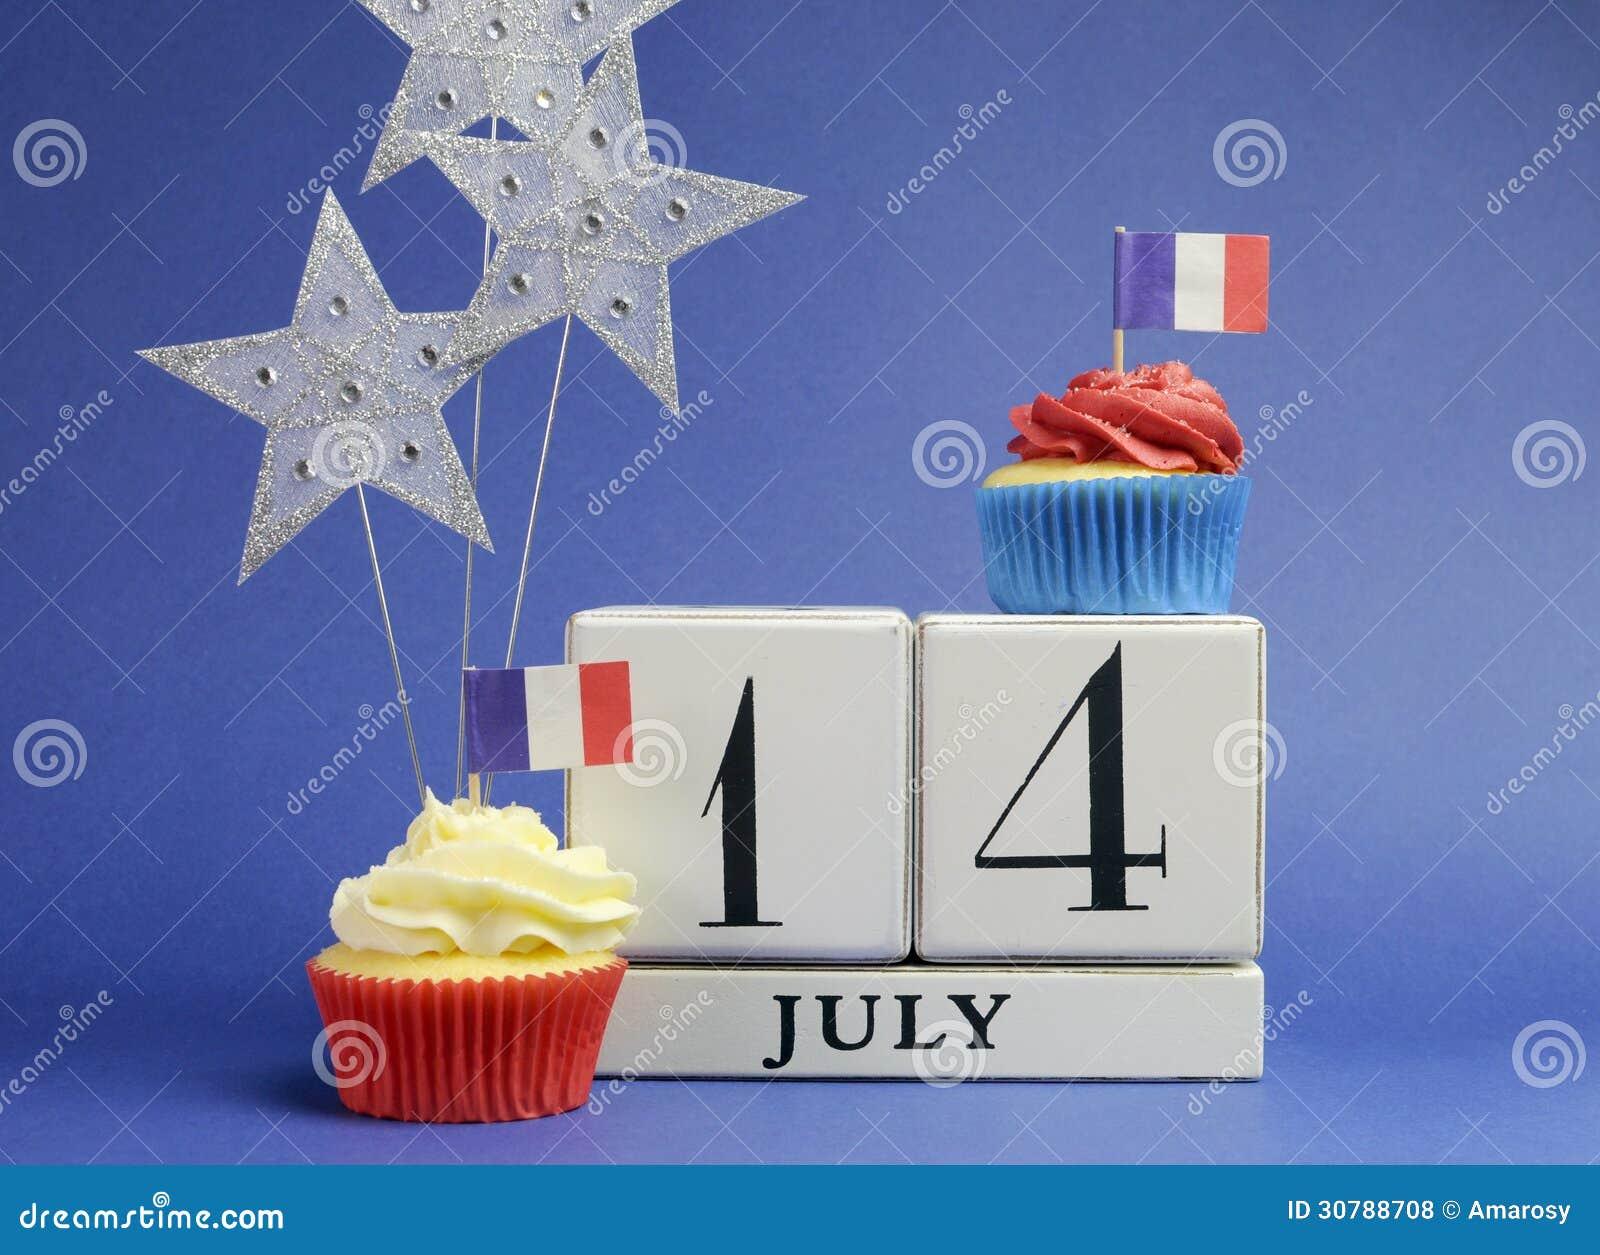 法国国庆节日历,第十四7月14日, 7月,巴士底日